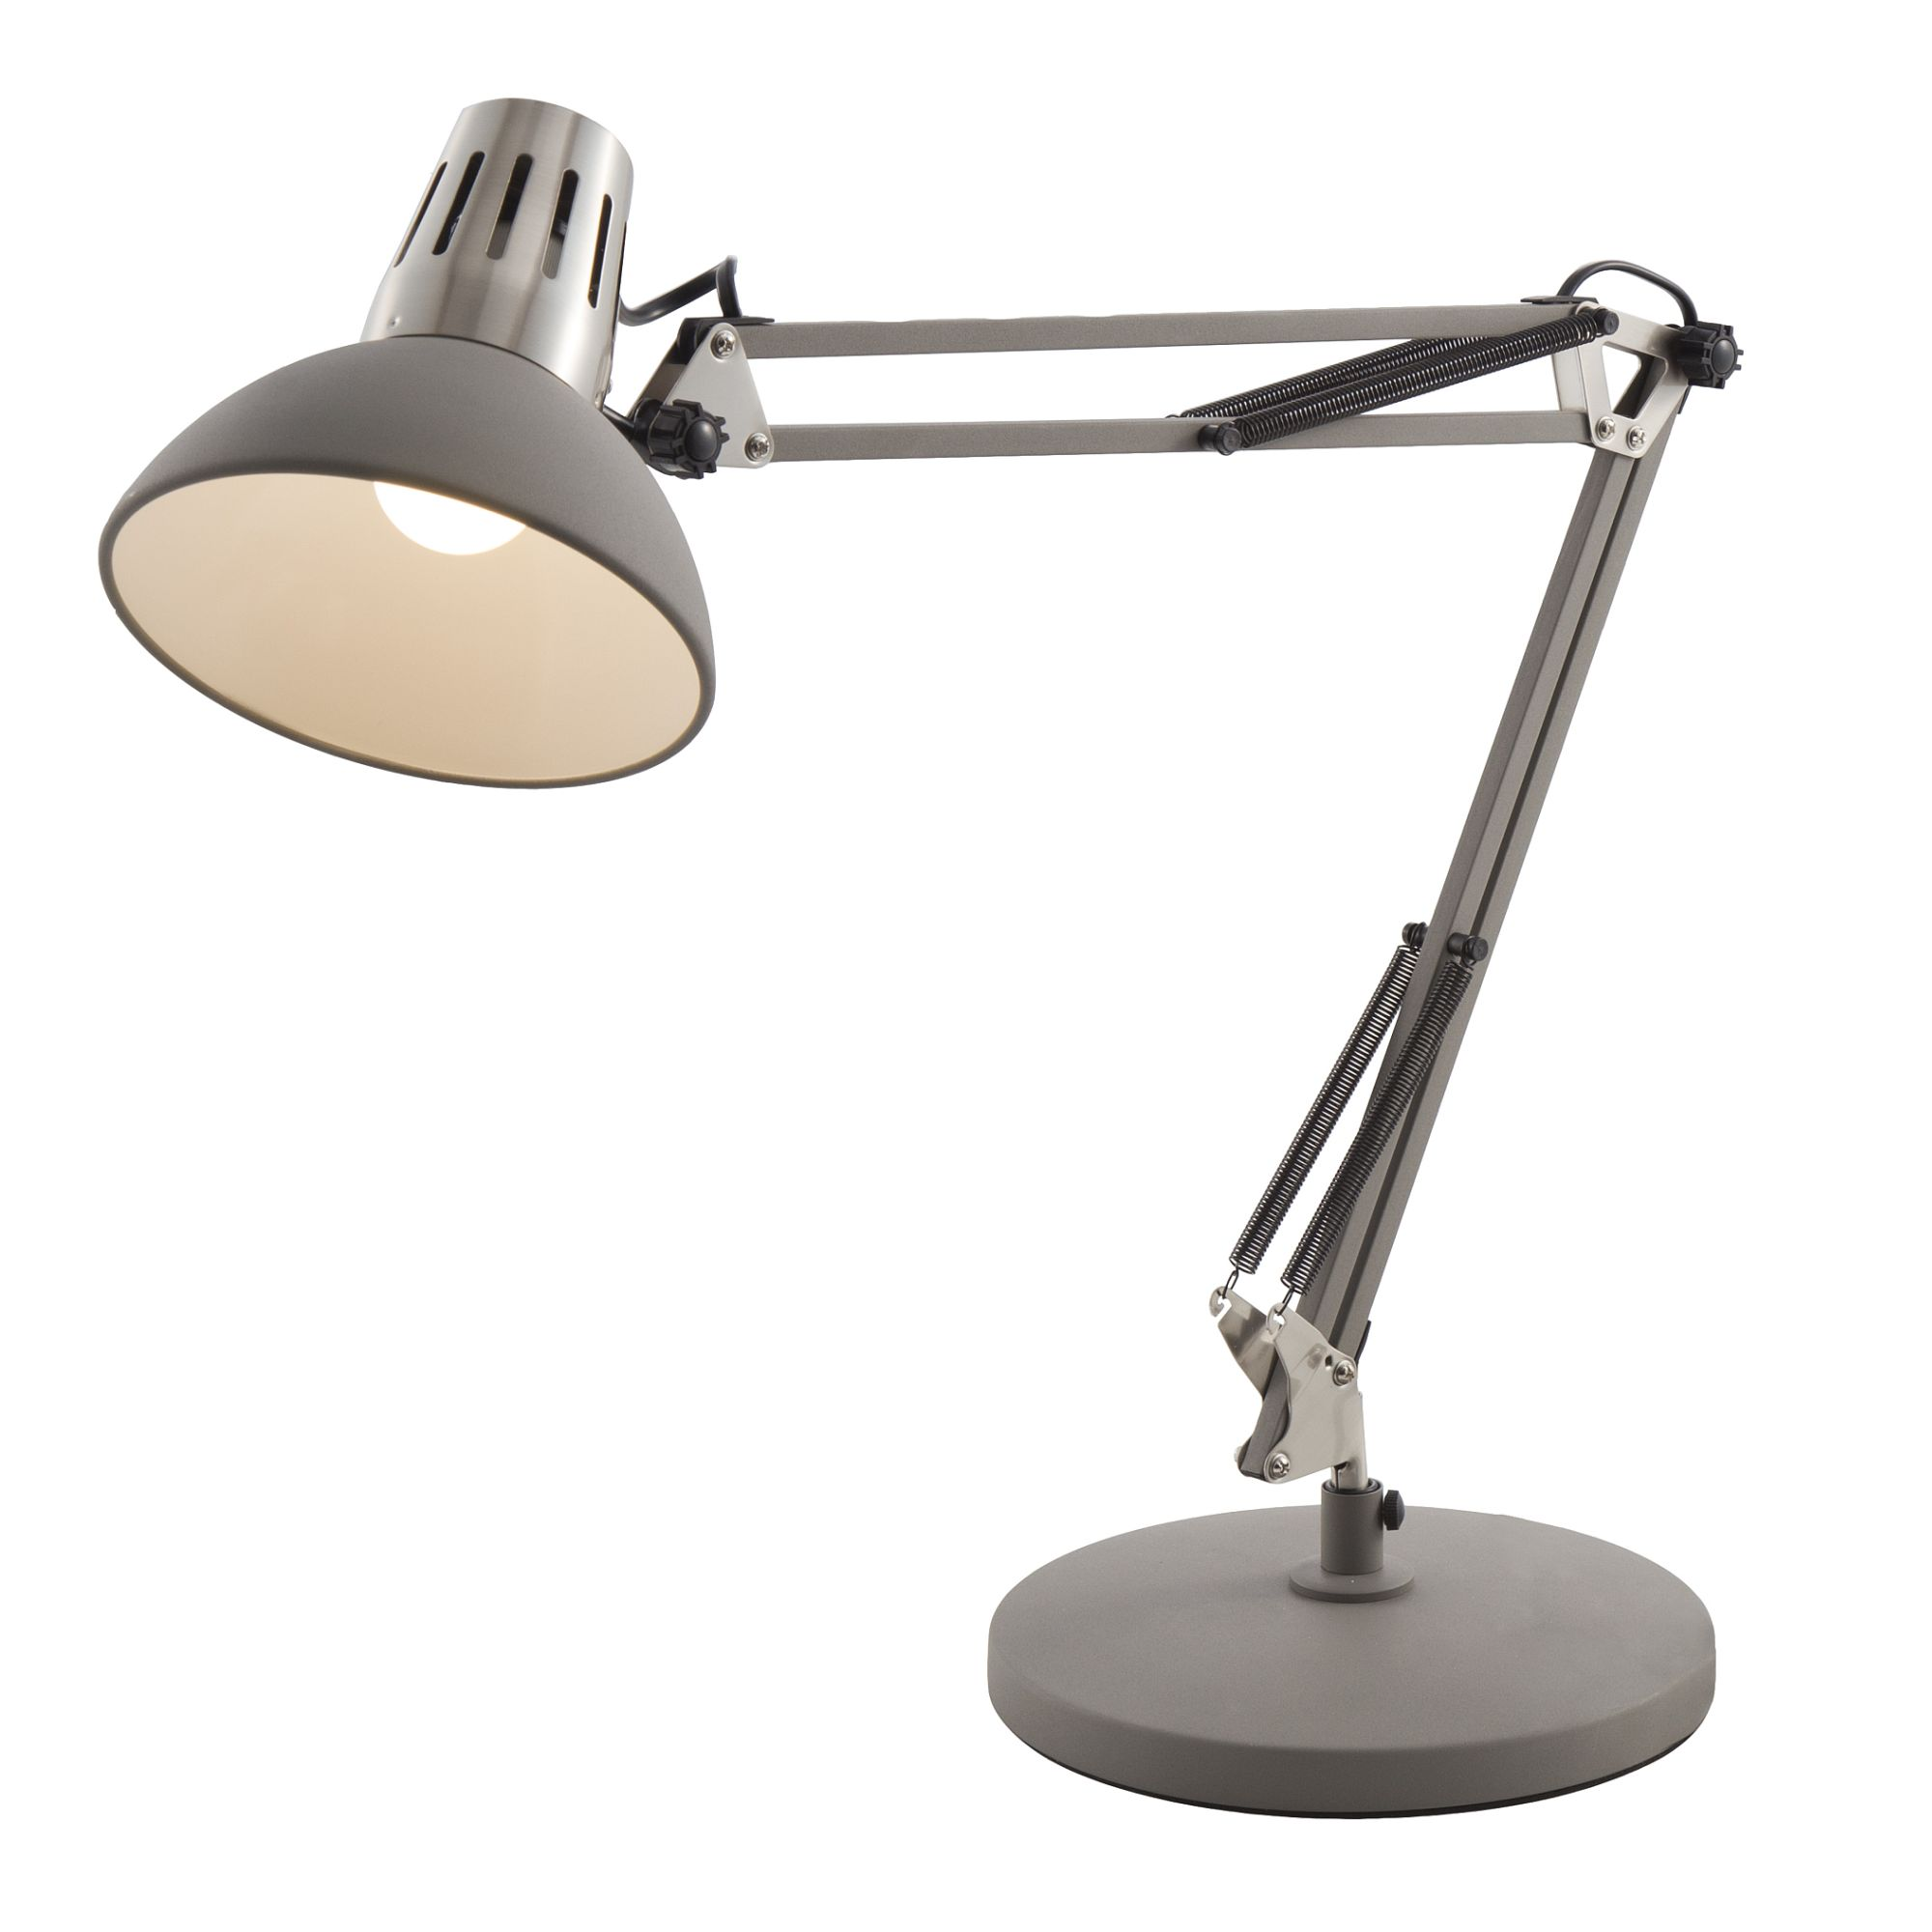 home24 Schreibtischleuchte Rudy | Lampen > Bürolampen | Grau | Metall | Nino Leuchten